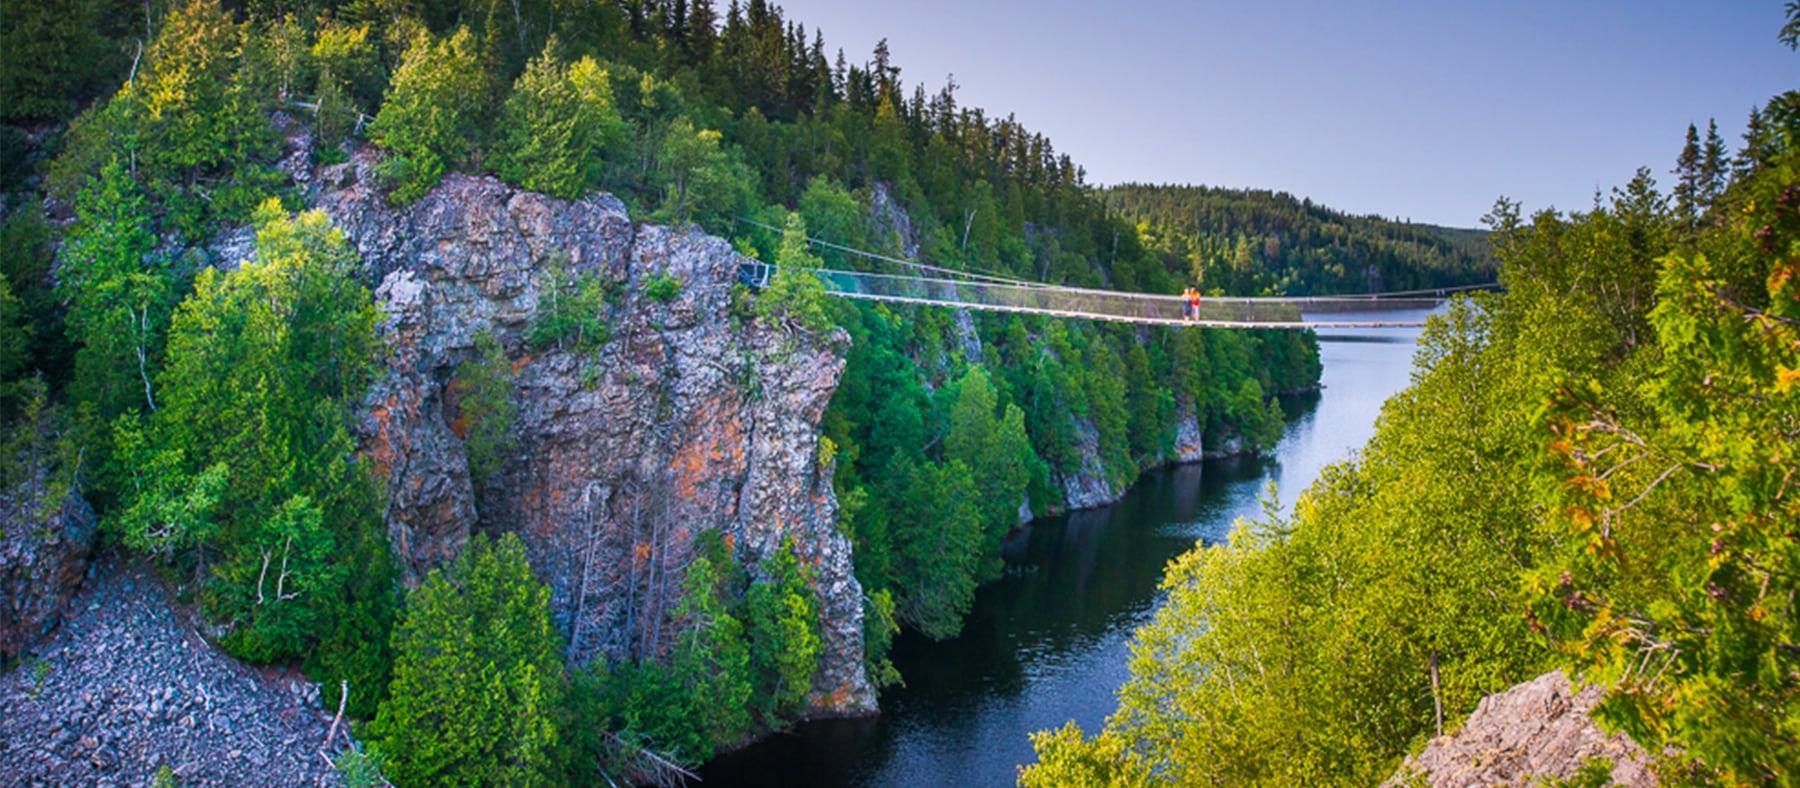 sur-la-route-des-explorateurs-siel-canada-parc-aiguebelle-hugo-lacroix-tourisme-temiscamingue-quebec-le-mag